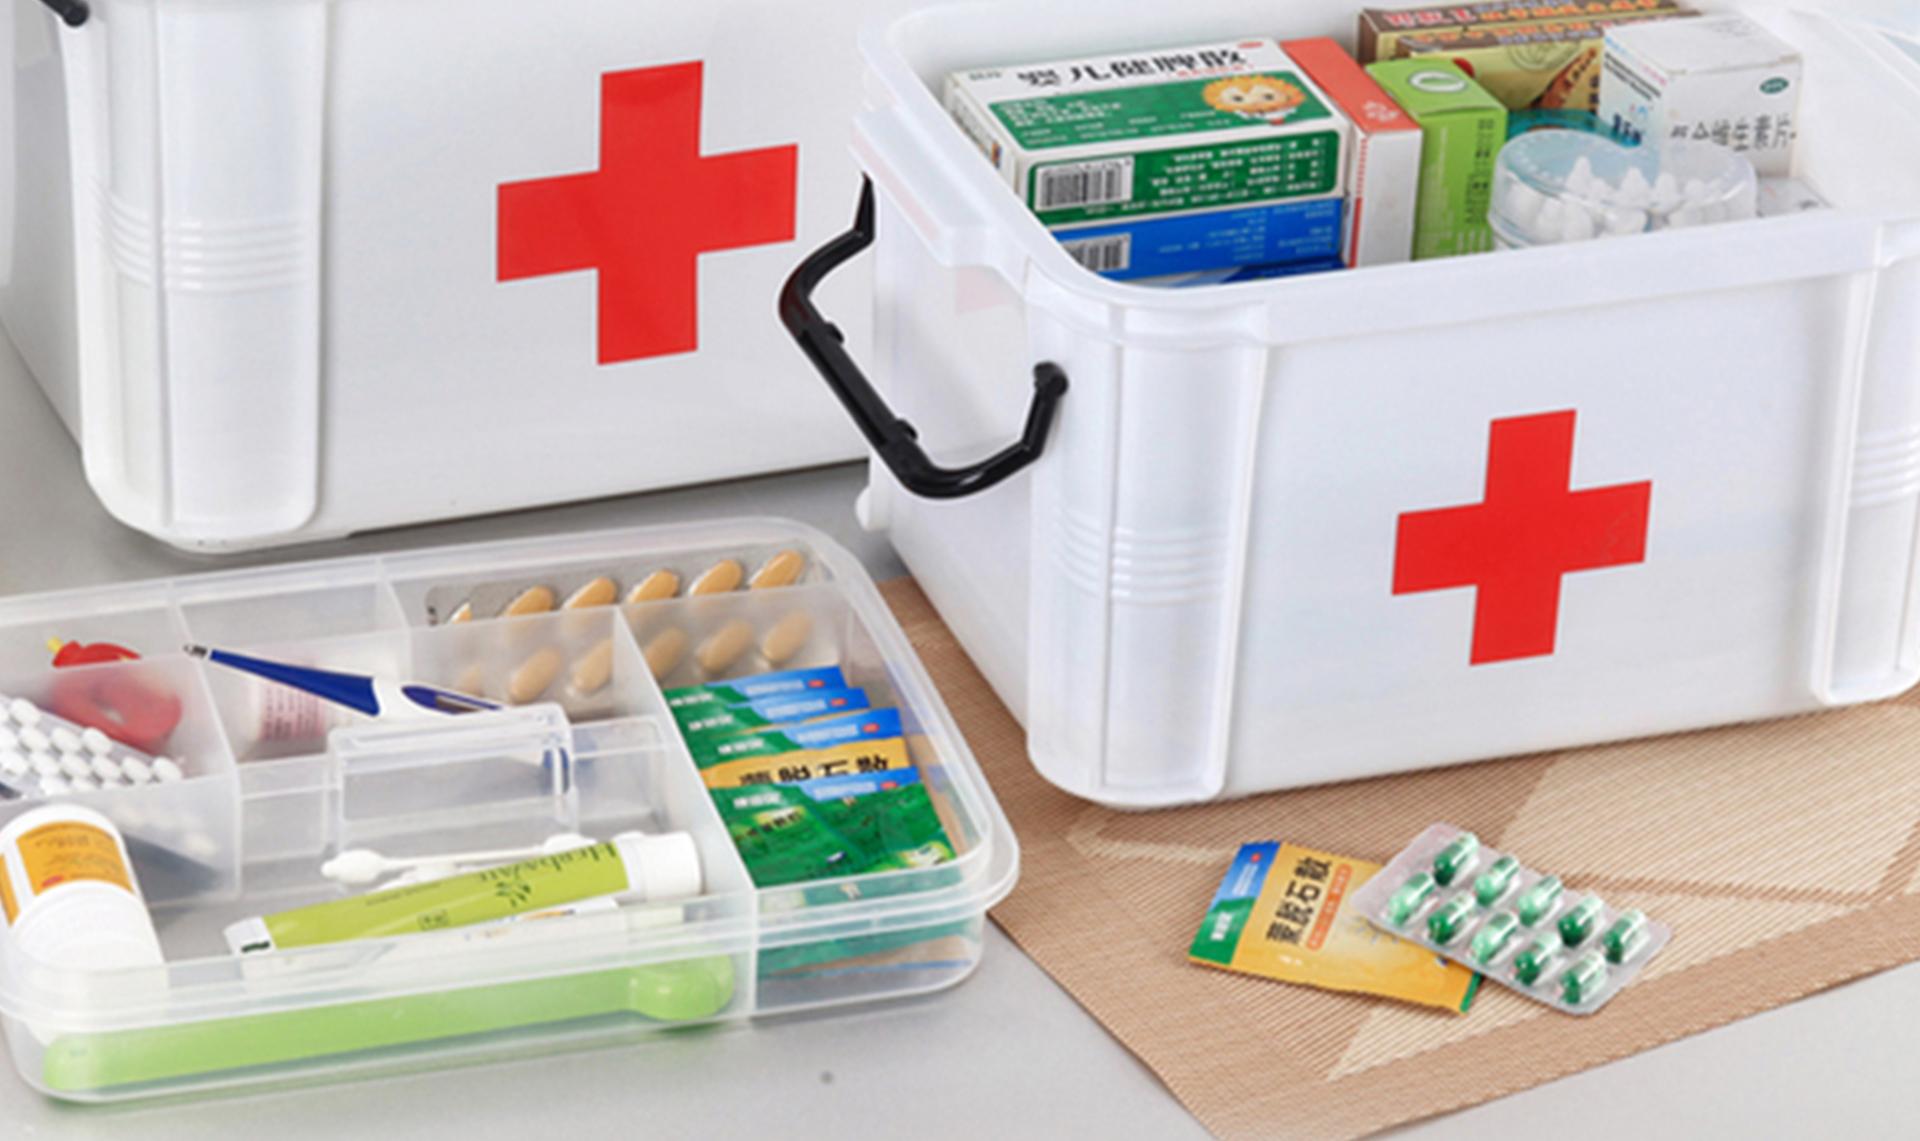 Минздравом разрабатываются обновления Правил оказания первой помощи работникам